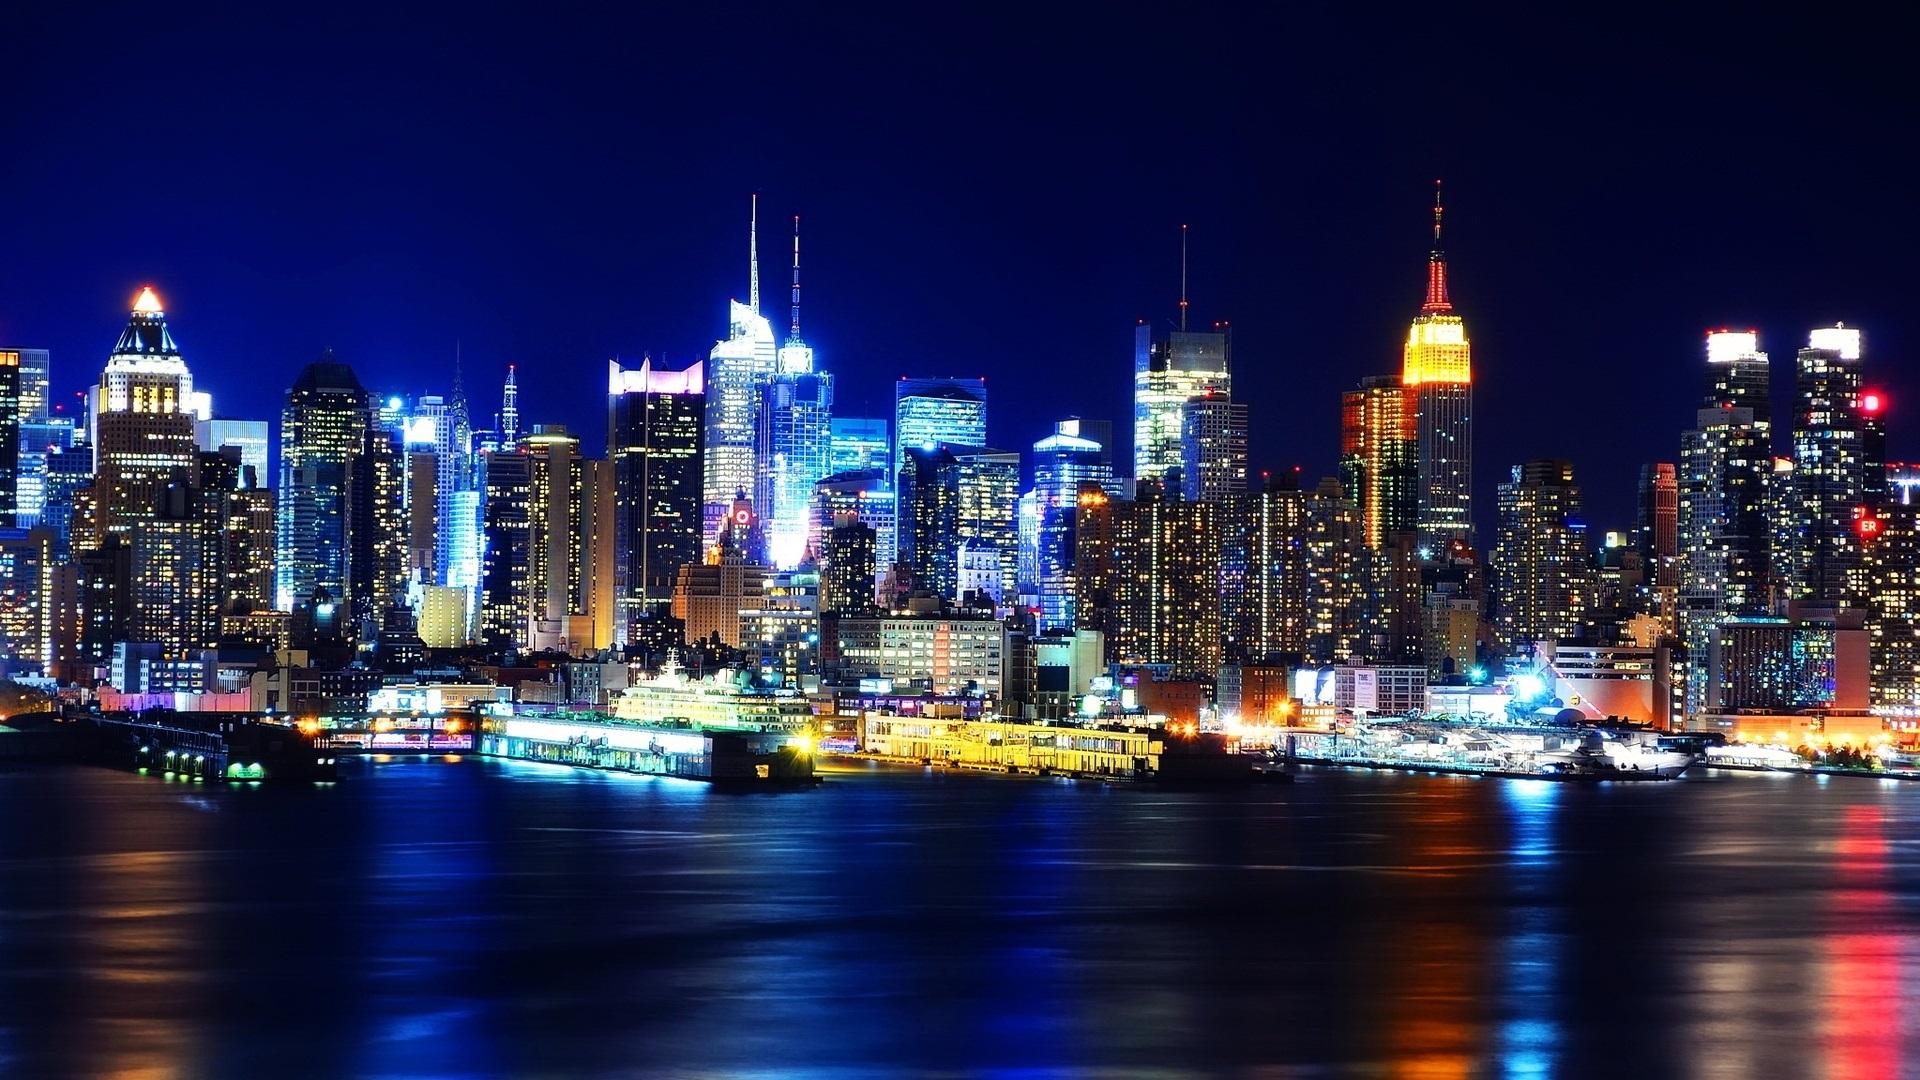 Fonds Décran Belle Ville De New York La Nuit Manhattan